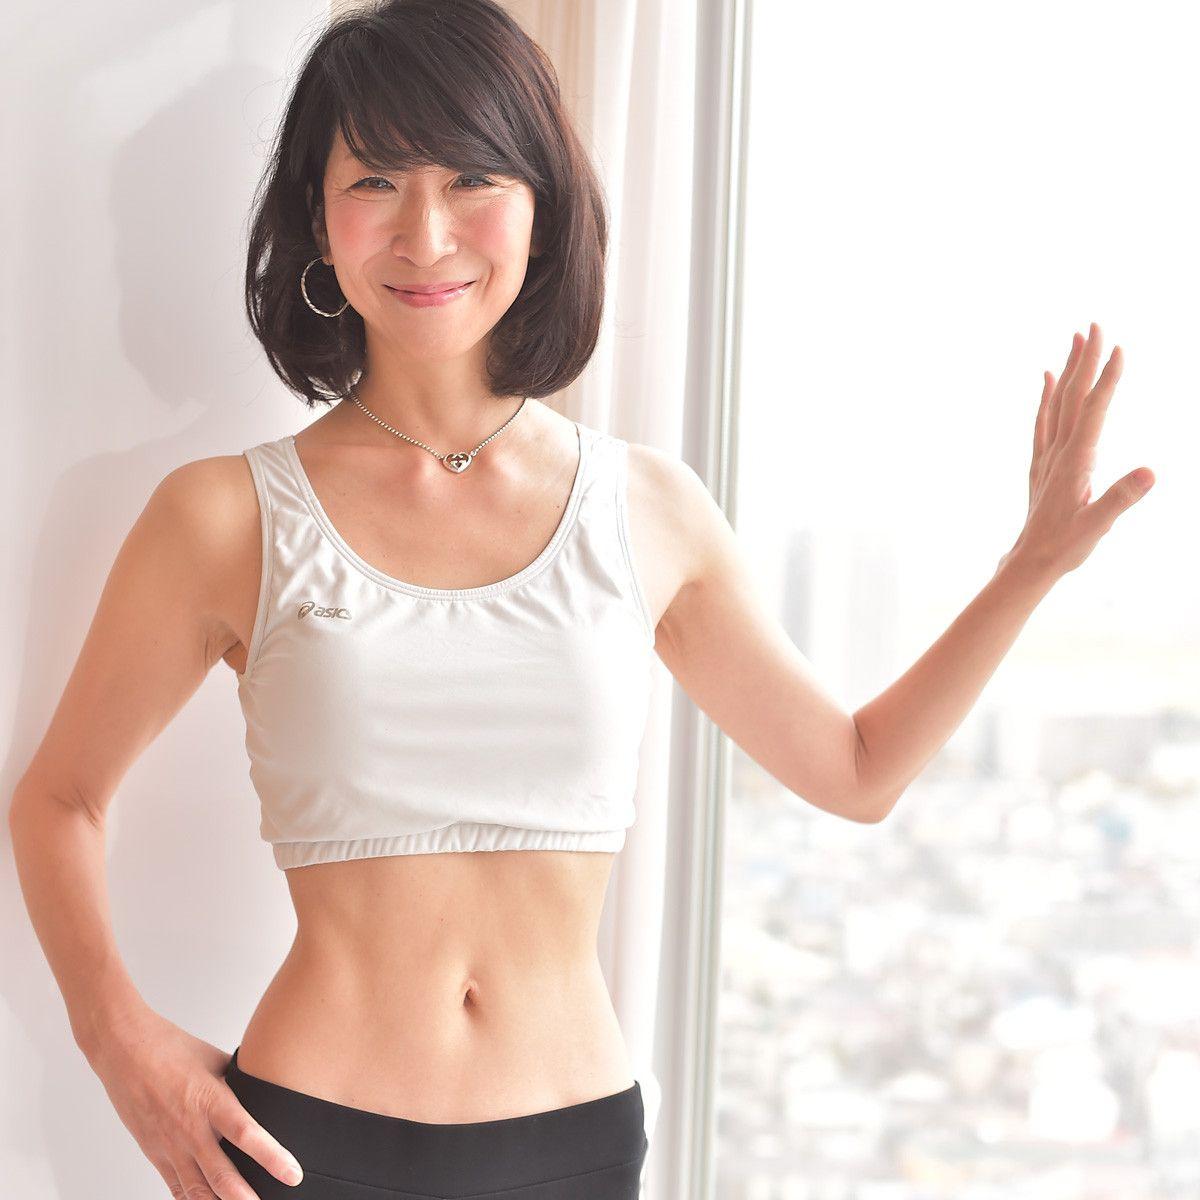 50代にして驚異のウエスト58cmをキープ 健康運動指導士 植森美緒さんのダイエットメソッド マキアオンライン Maquia Online 健康 運動 健康 ダイエット